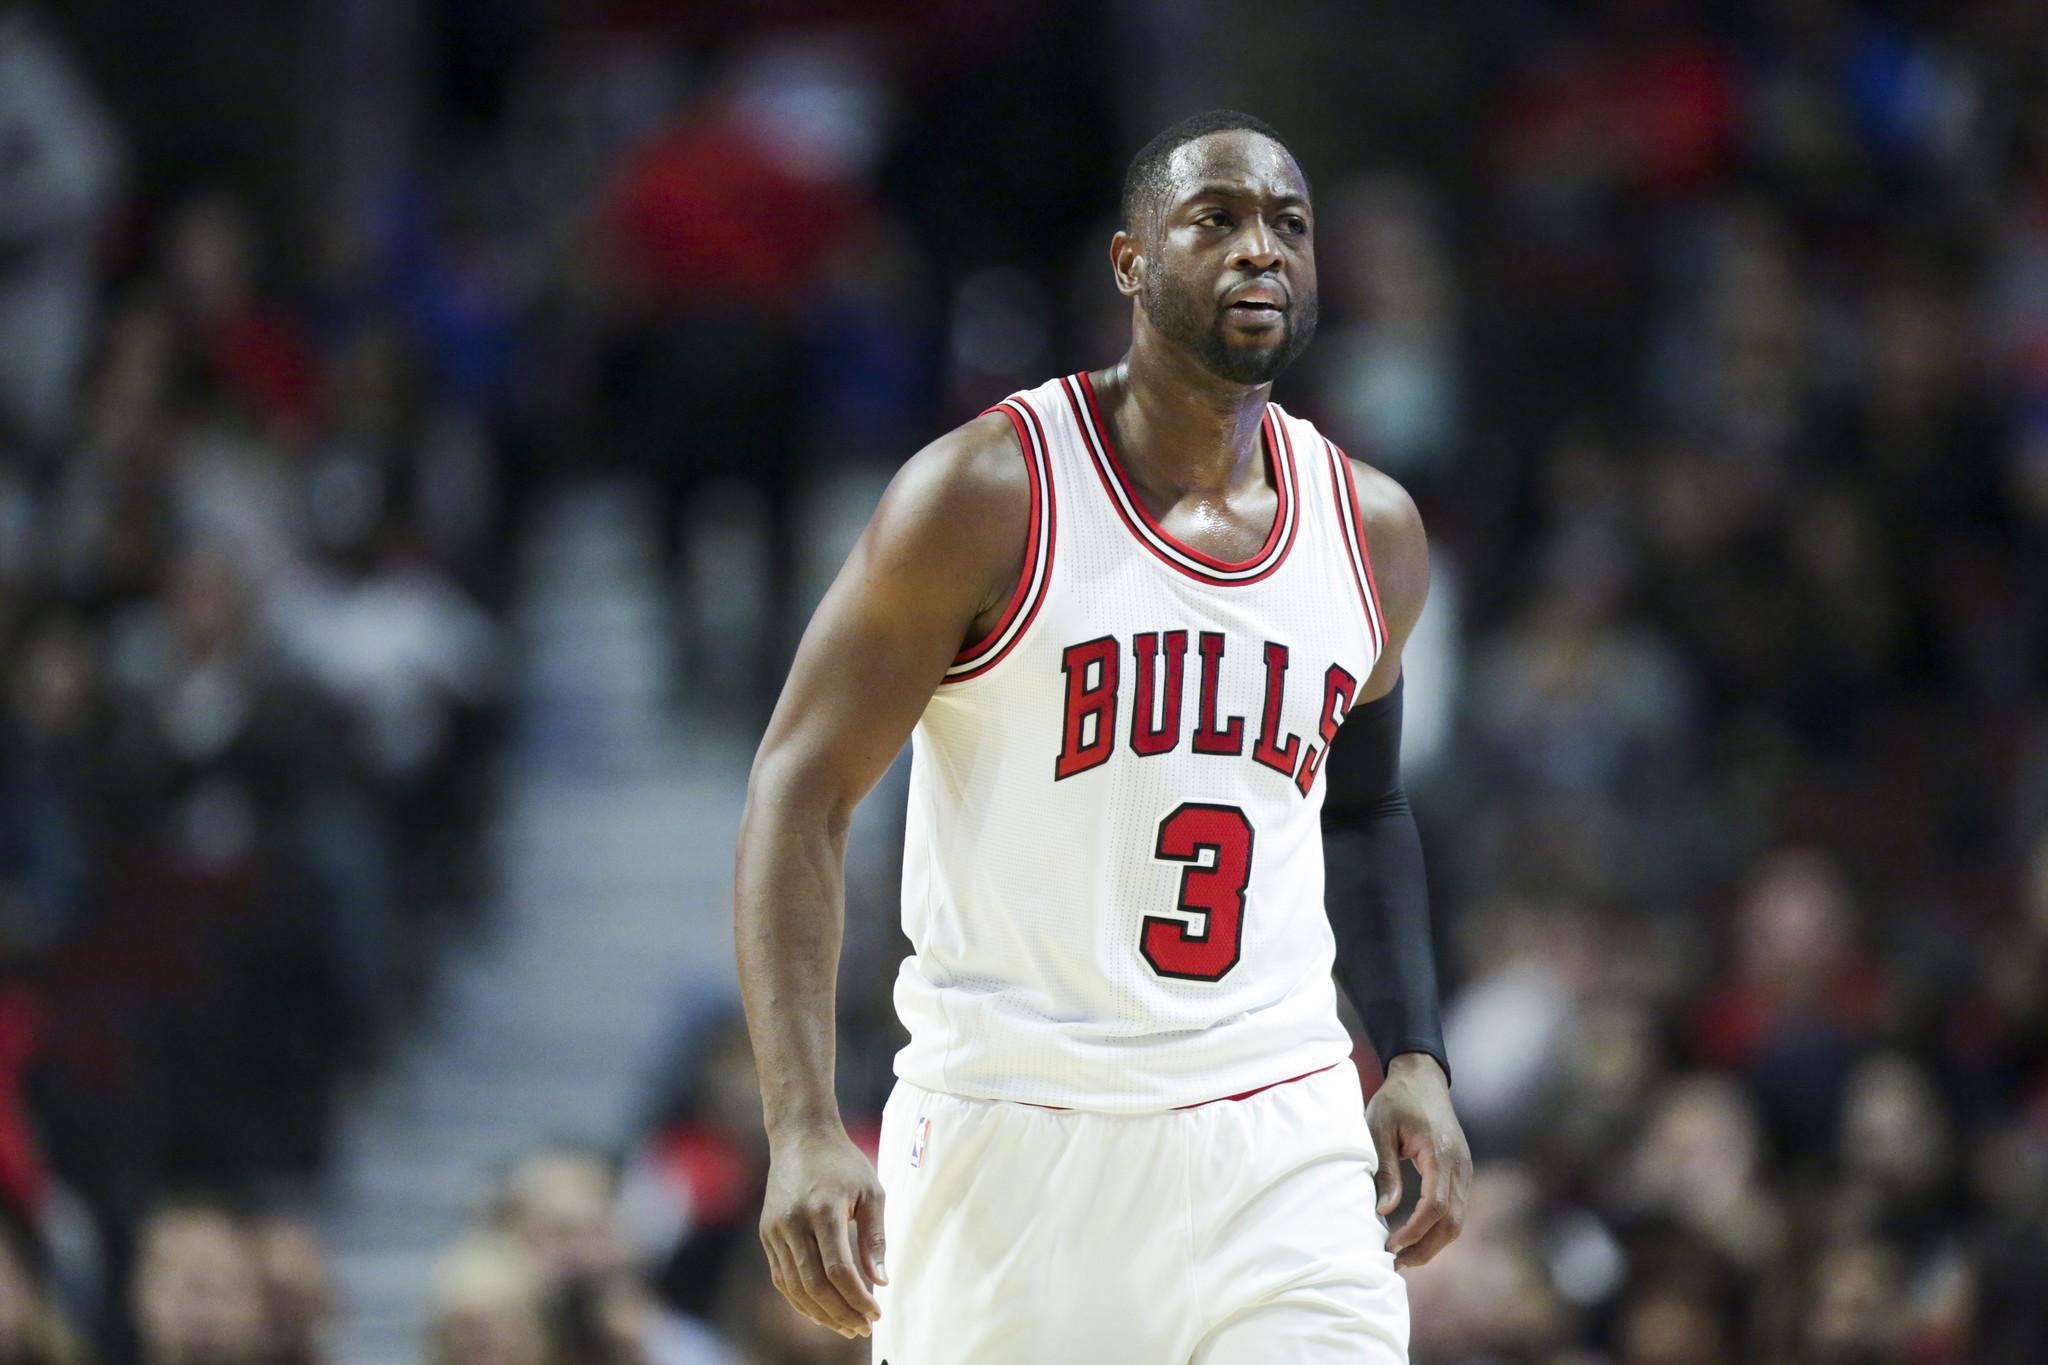 Nba pronostici 20 gennaio, Chicago Bulls-Miami Heat. Dwyane Wade, l'ultima volta nella sua città natale